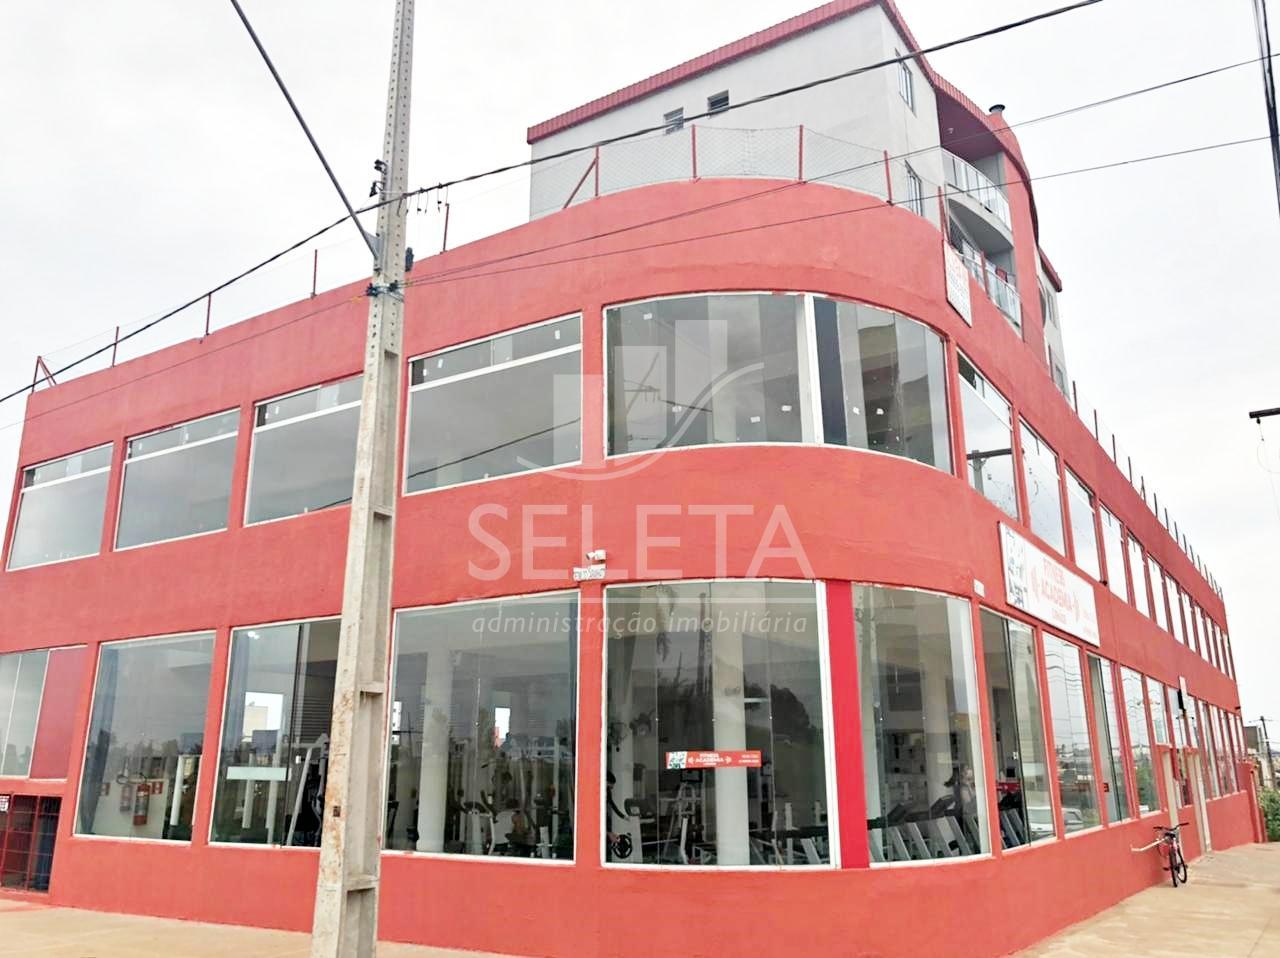 Sala Comercial para locação, Santo Inácio, CASCAVEL - PR